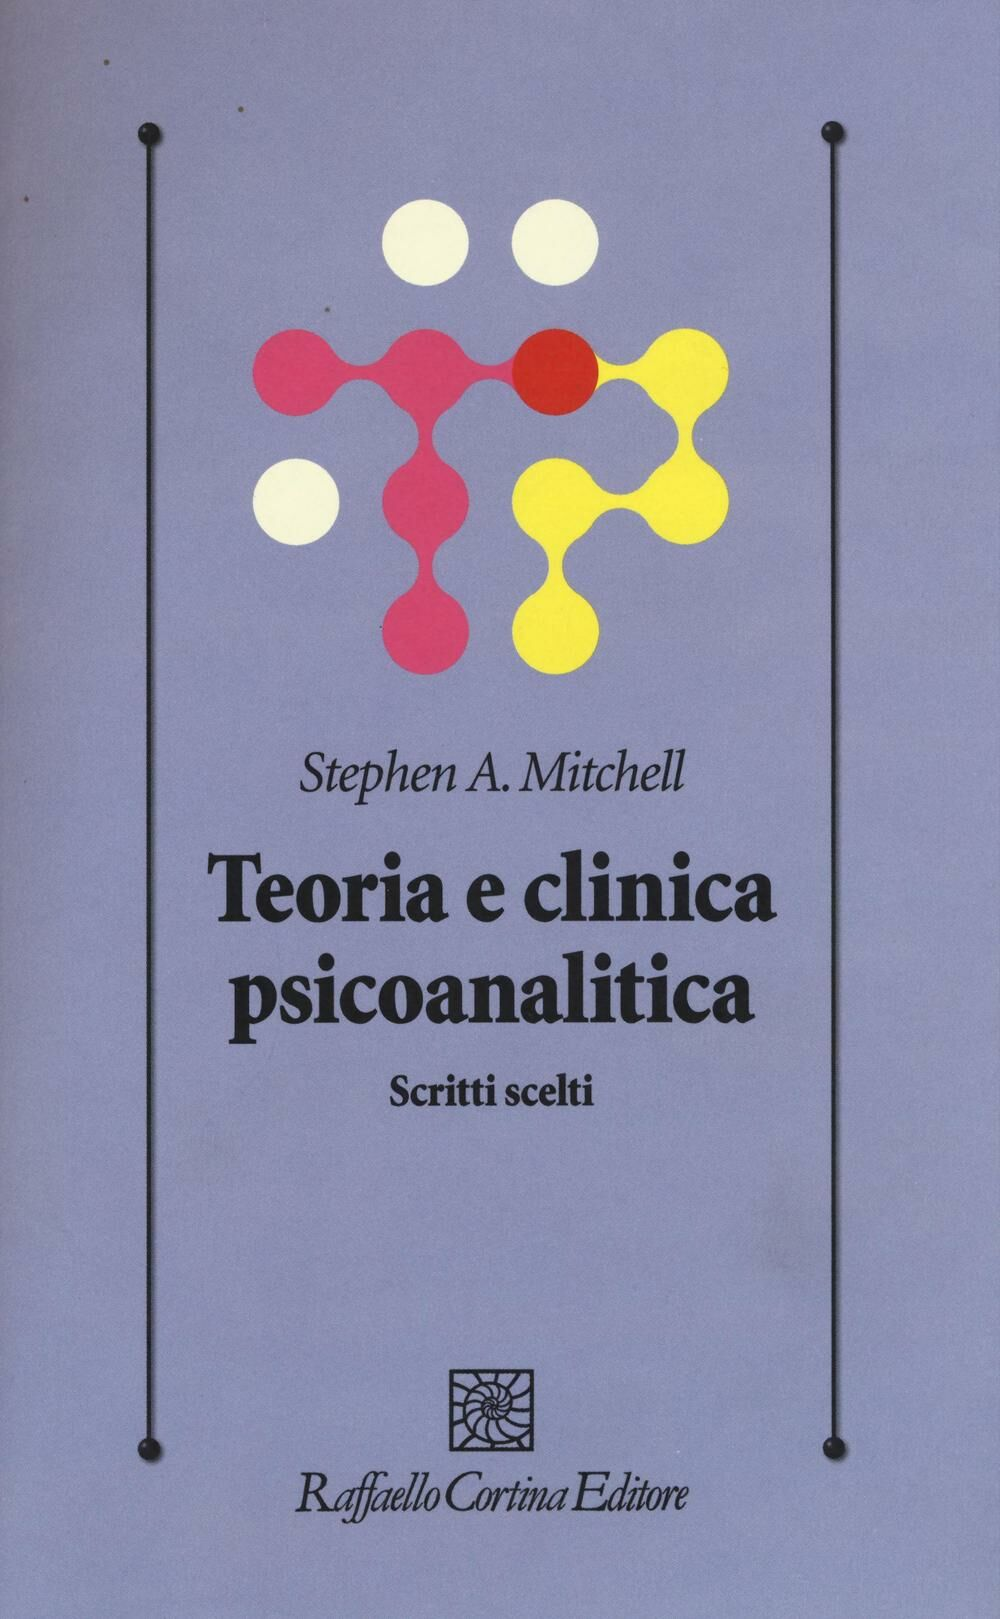 Teoria e clinica psicoanalitica. Scritti scelti